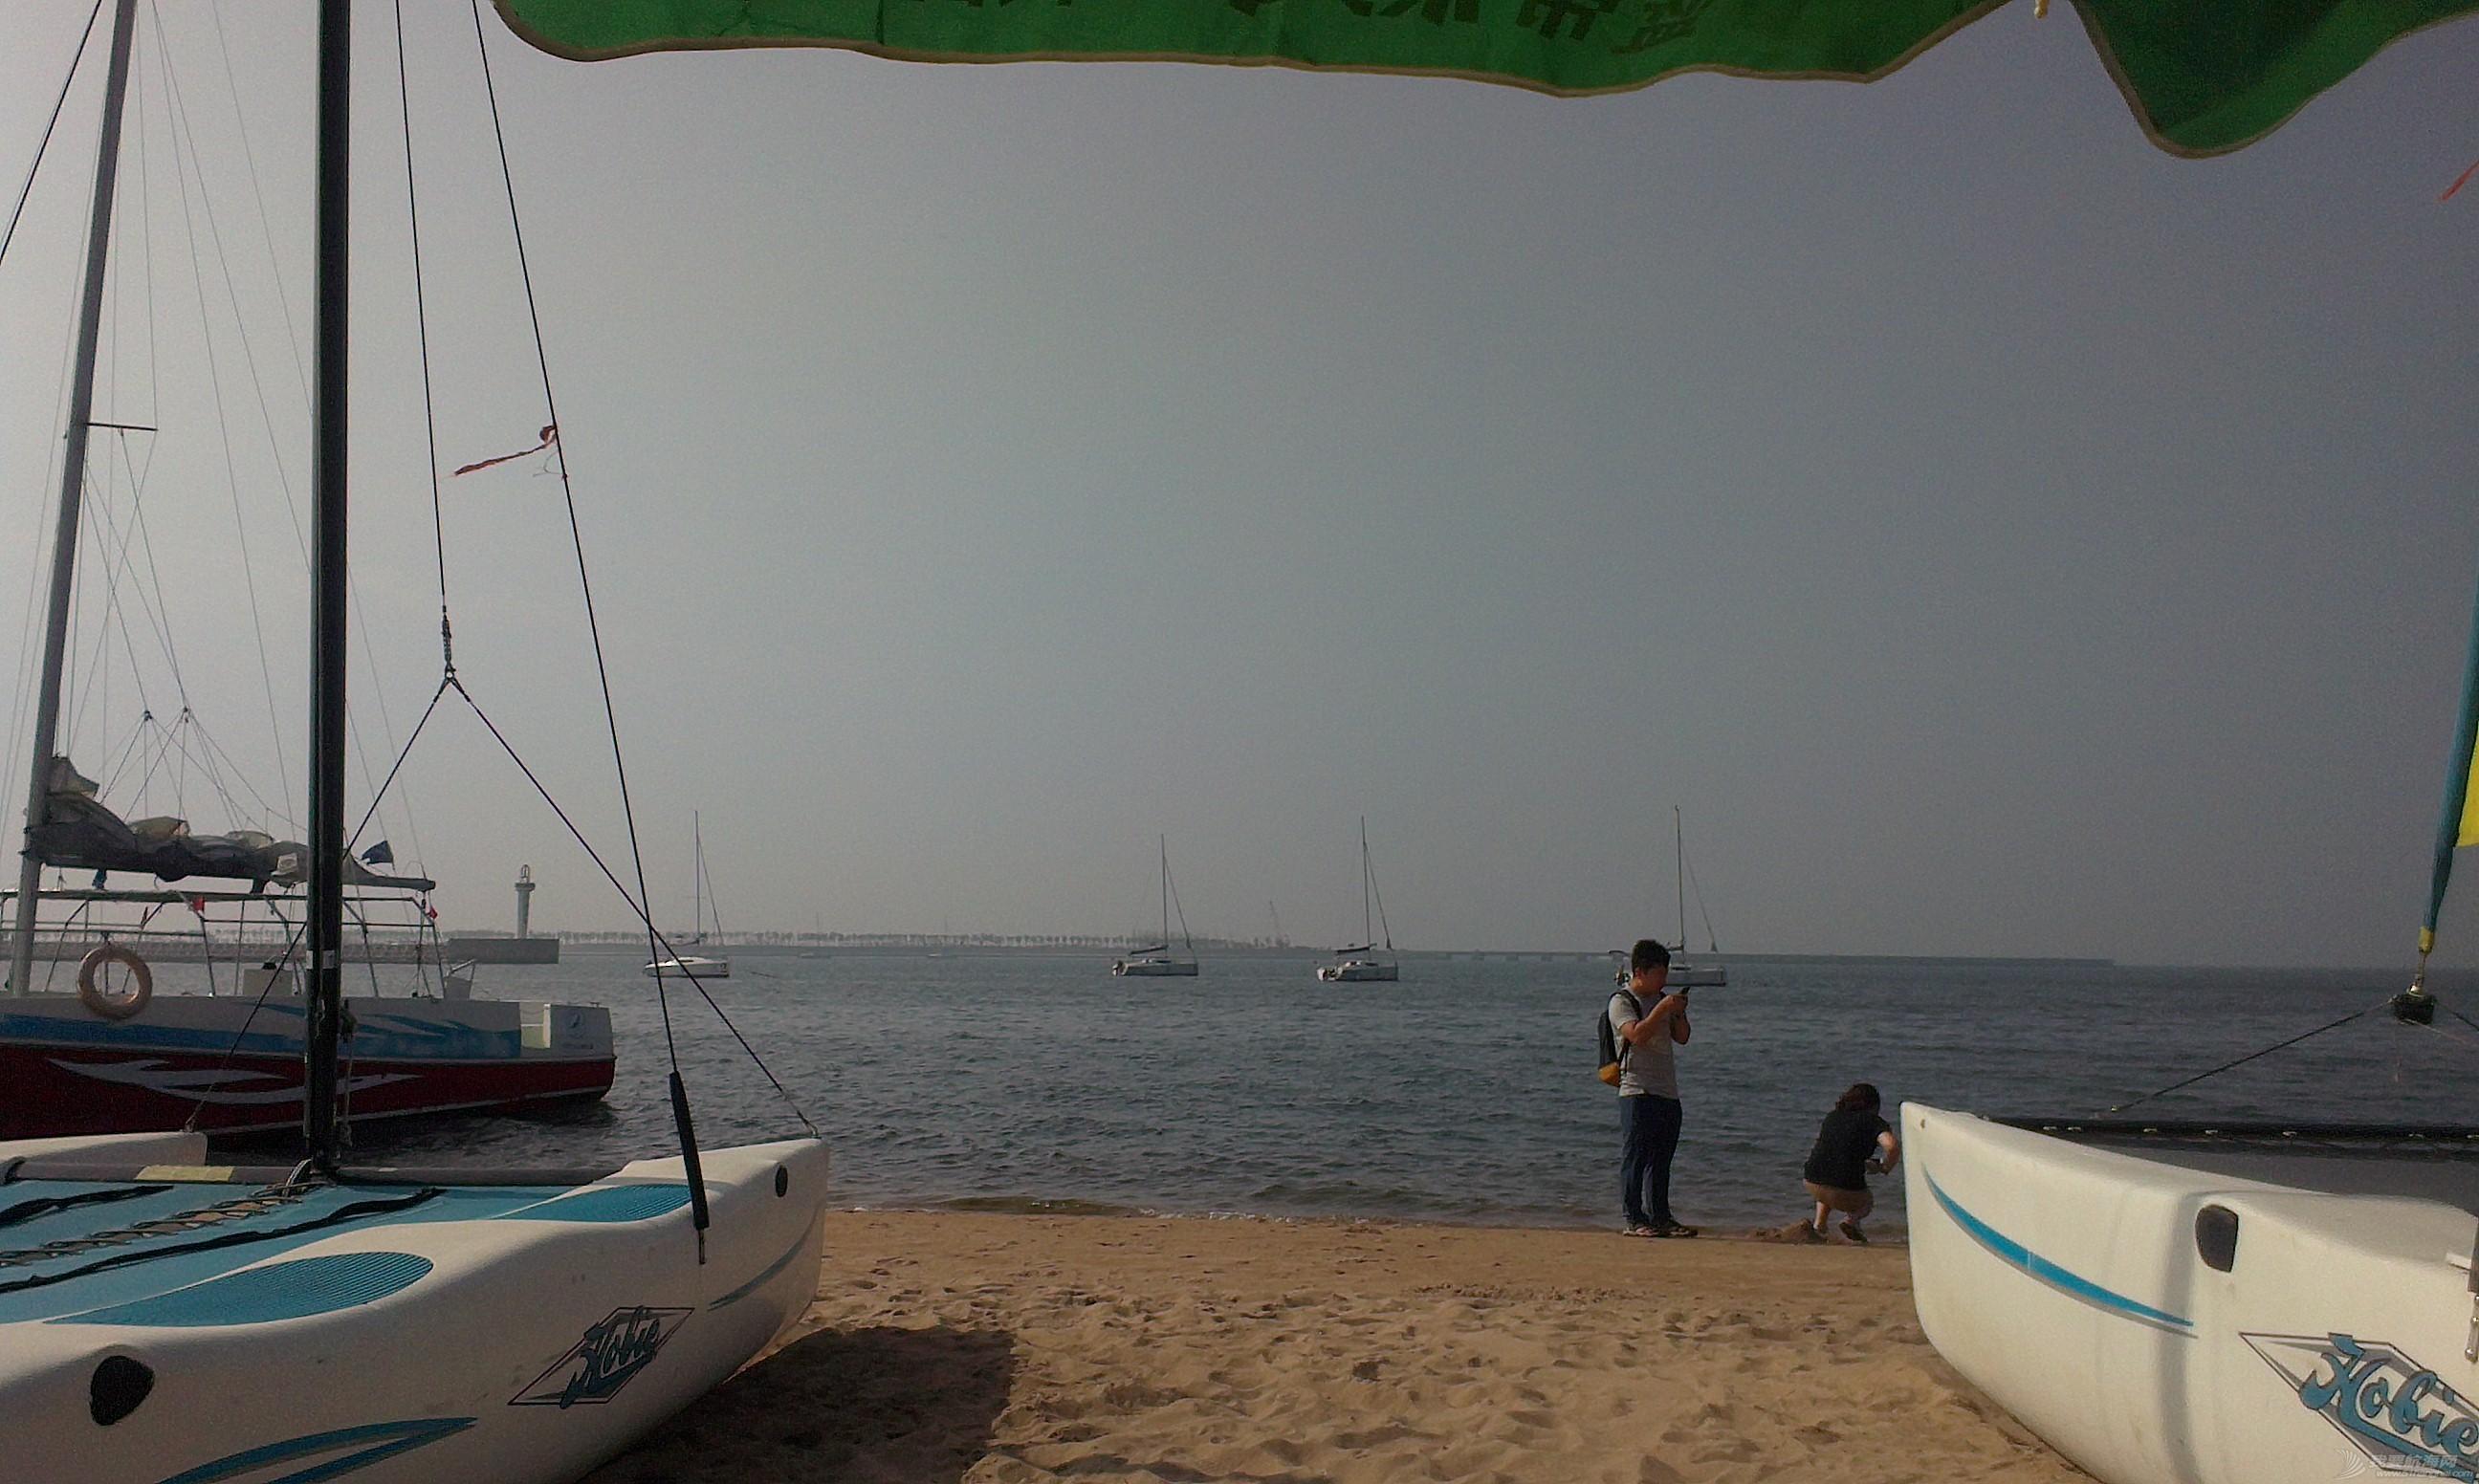 日照,秦皇岛,报名 飞驰杯的秦皇岛帆船赛,各种找感觉 IMAG0223.jpg